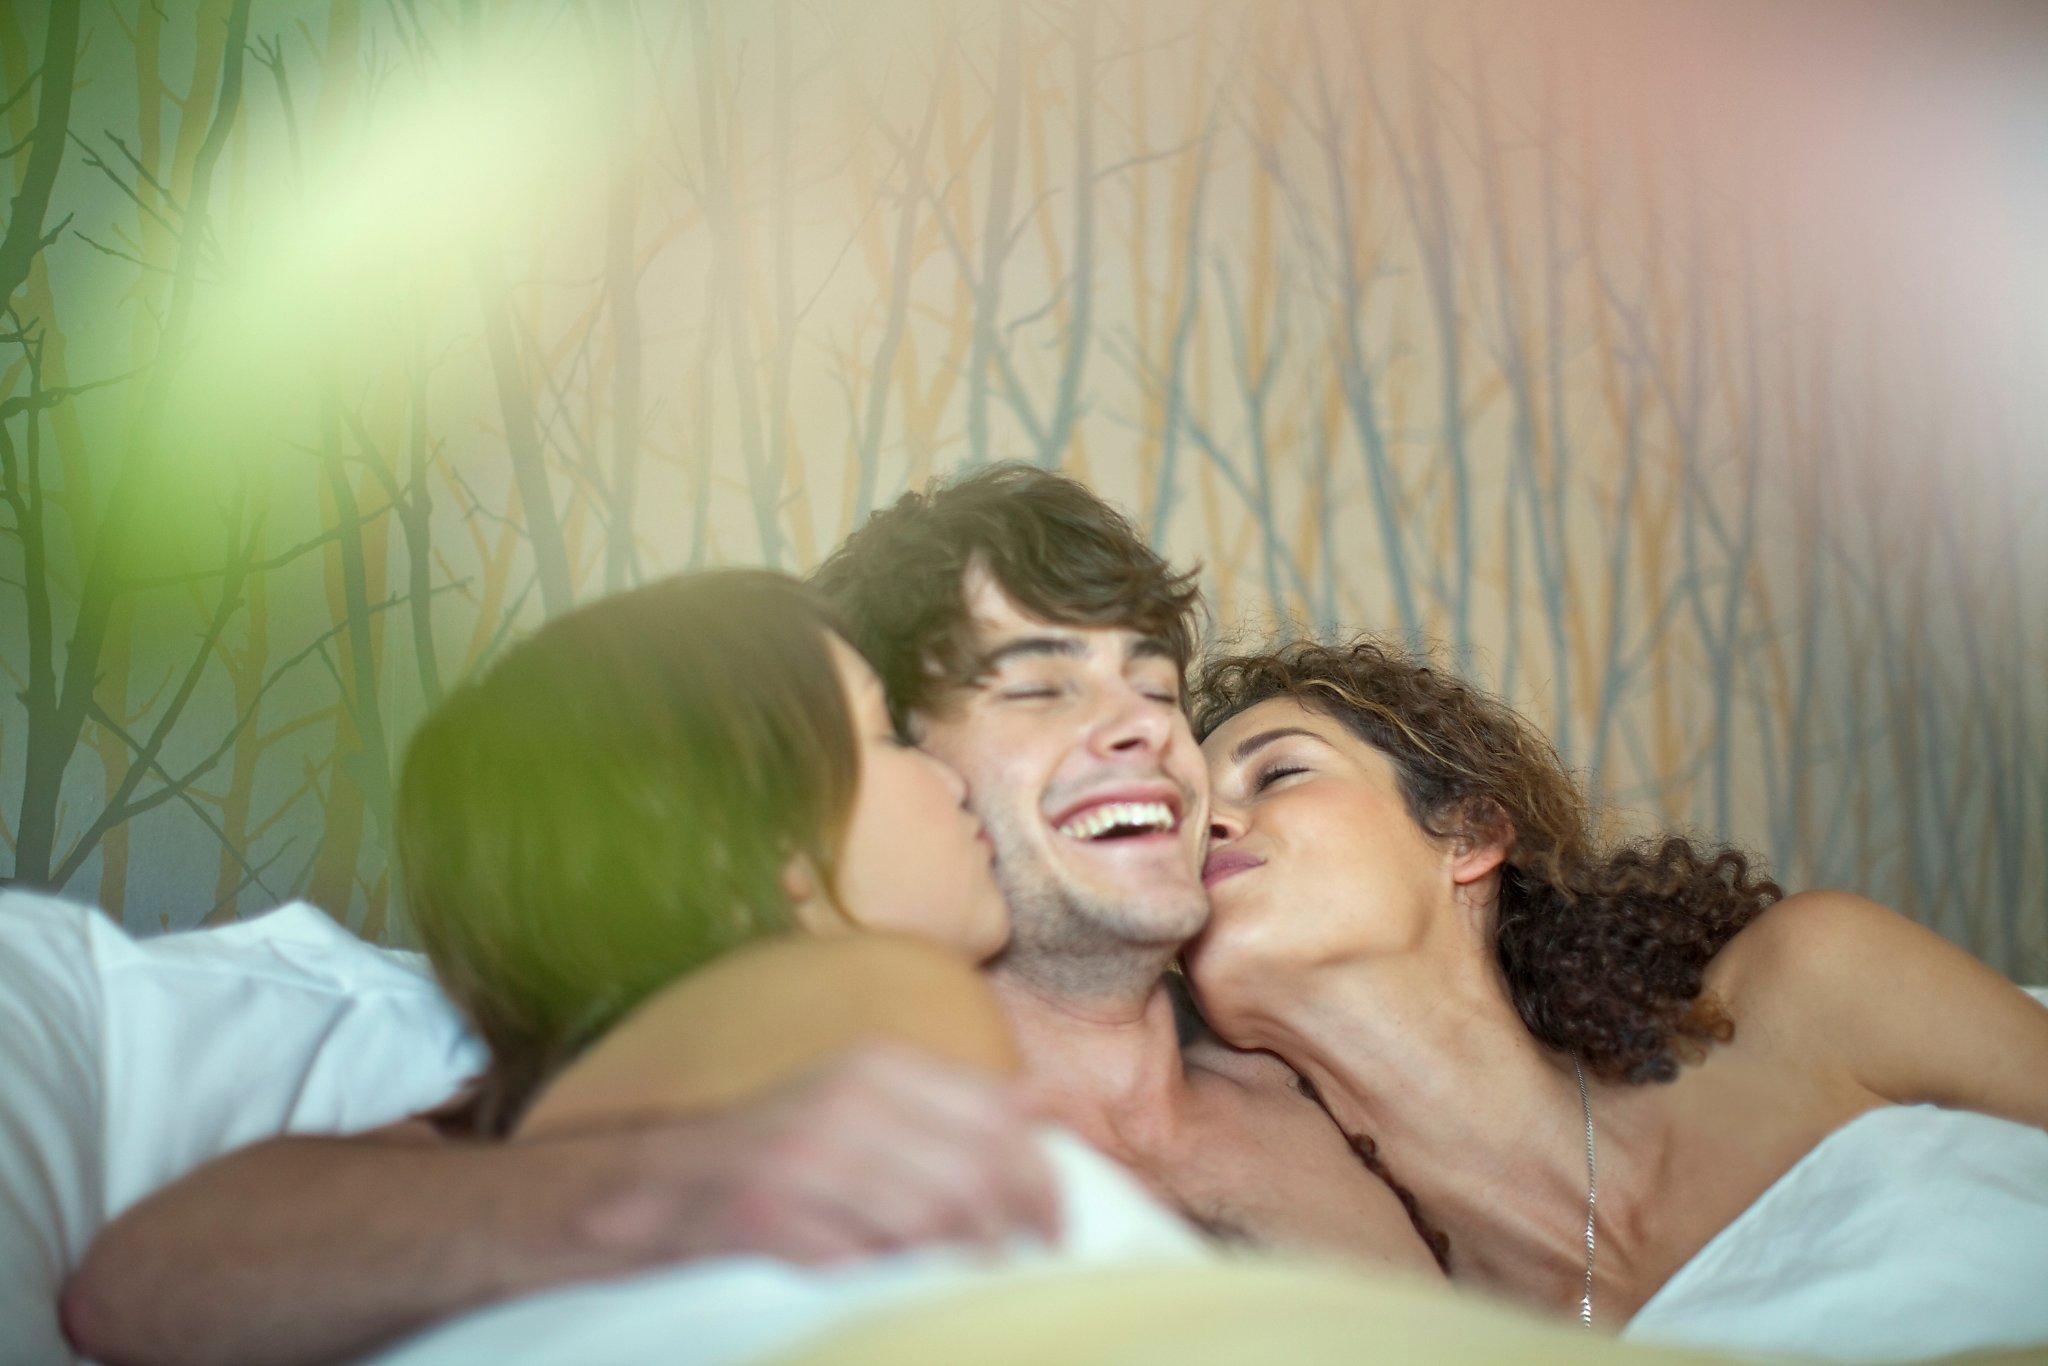 Видео с мужчиной и двумя женщинами, видео бразильского группового секса